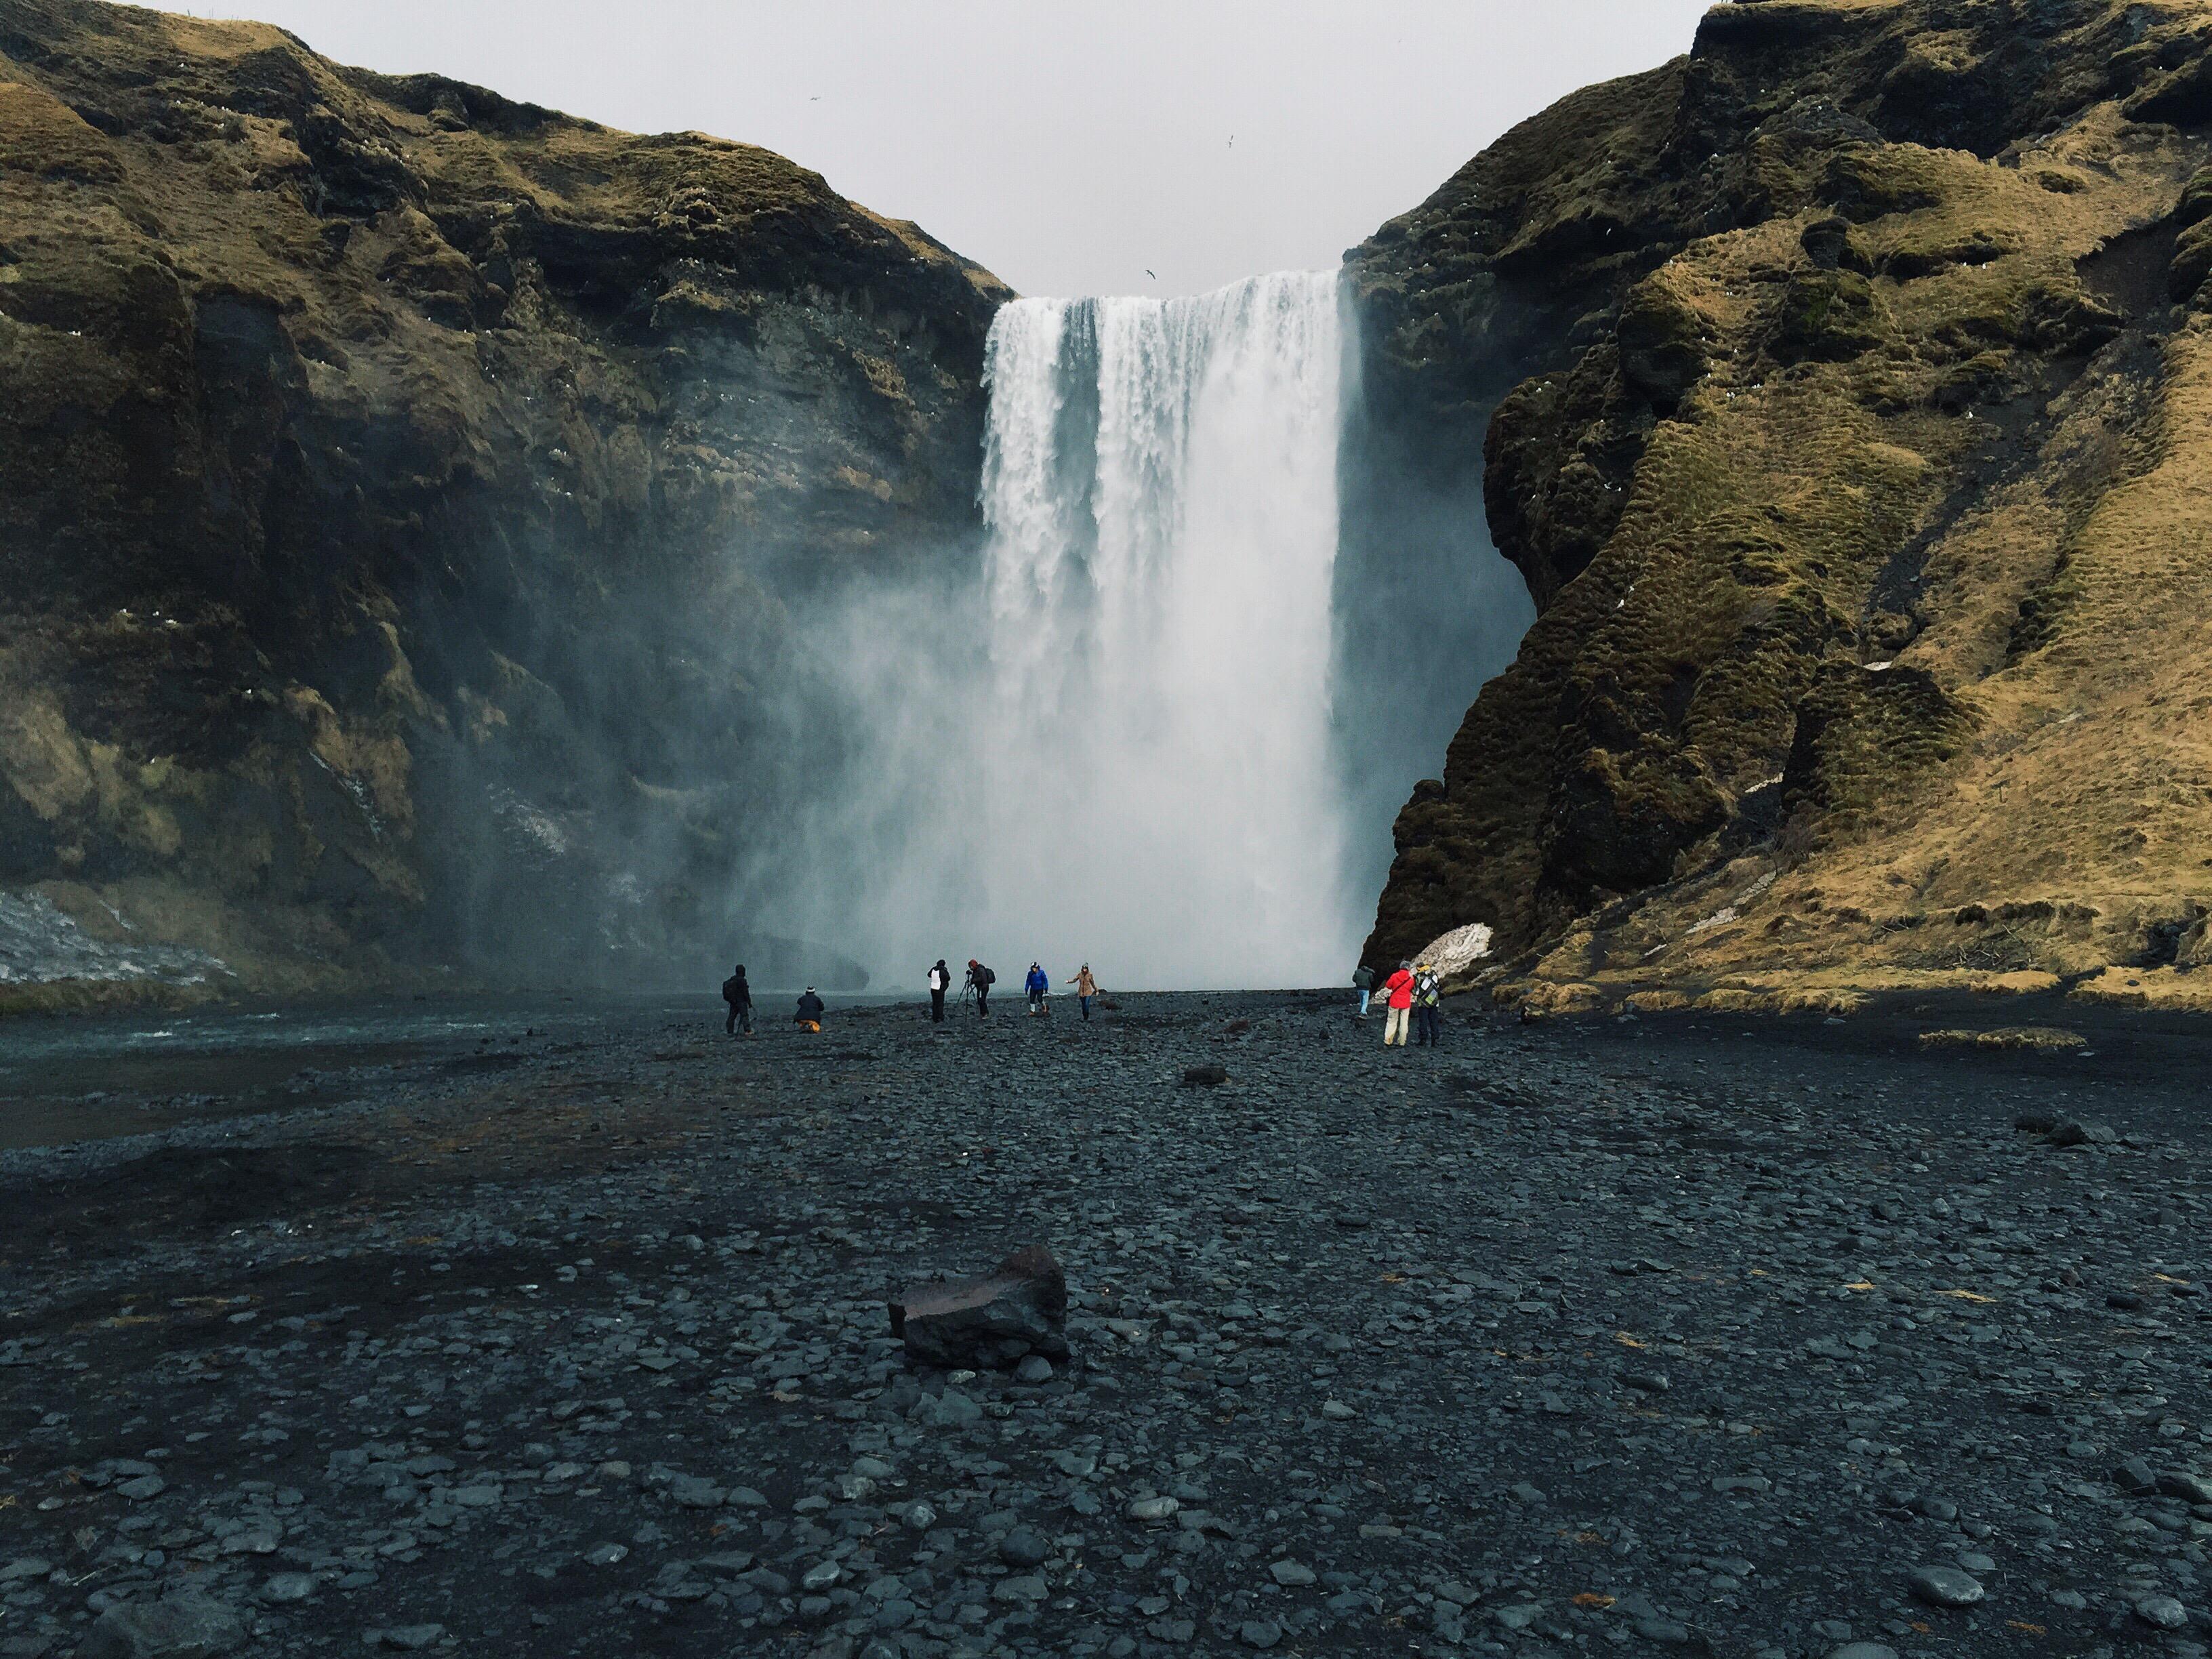 Det mægtige Skógafoss-vandfald er et af Islands mest opsøgte naturattraktioner.